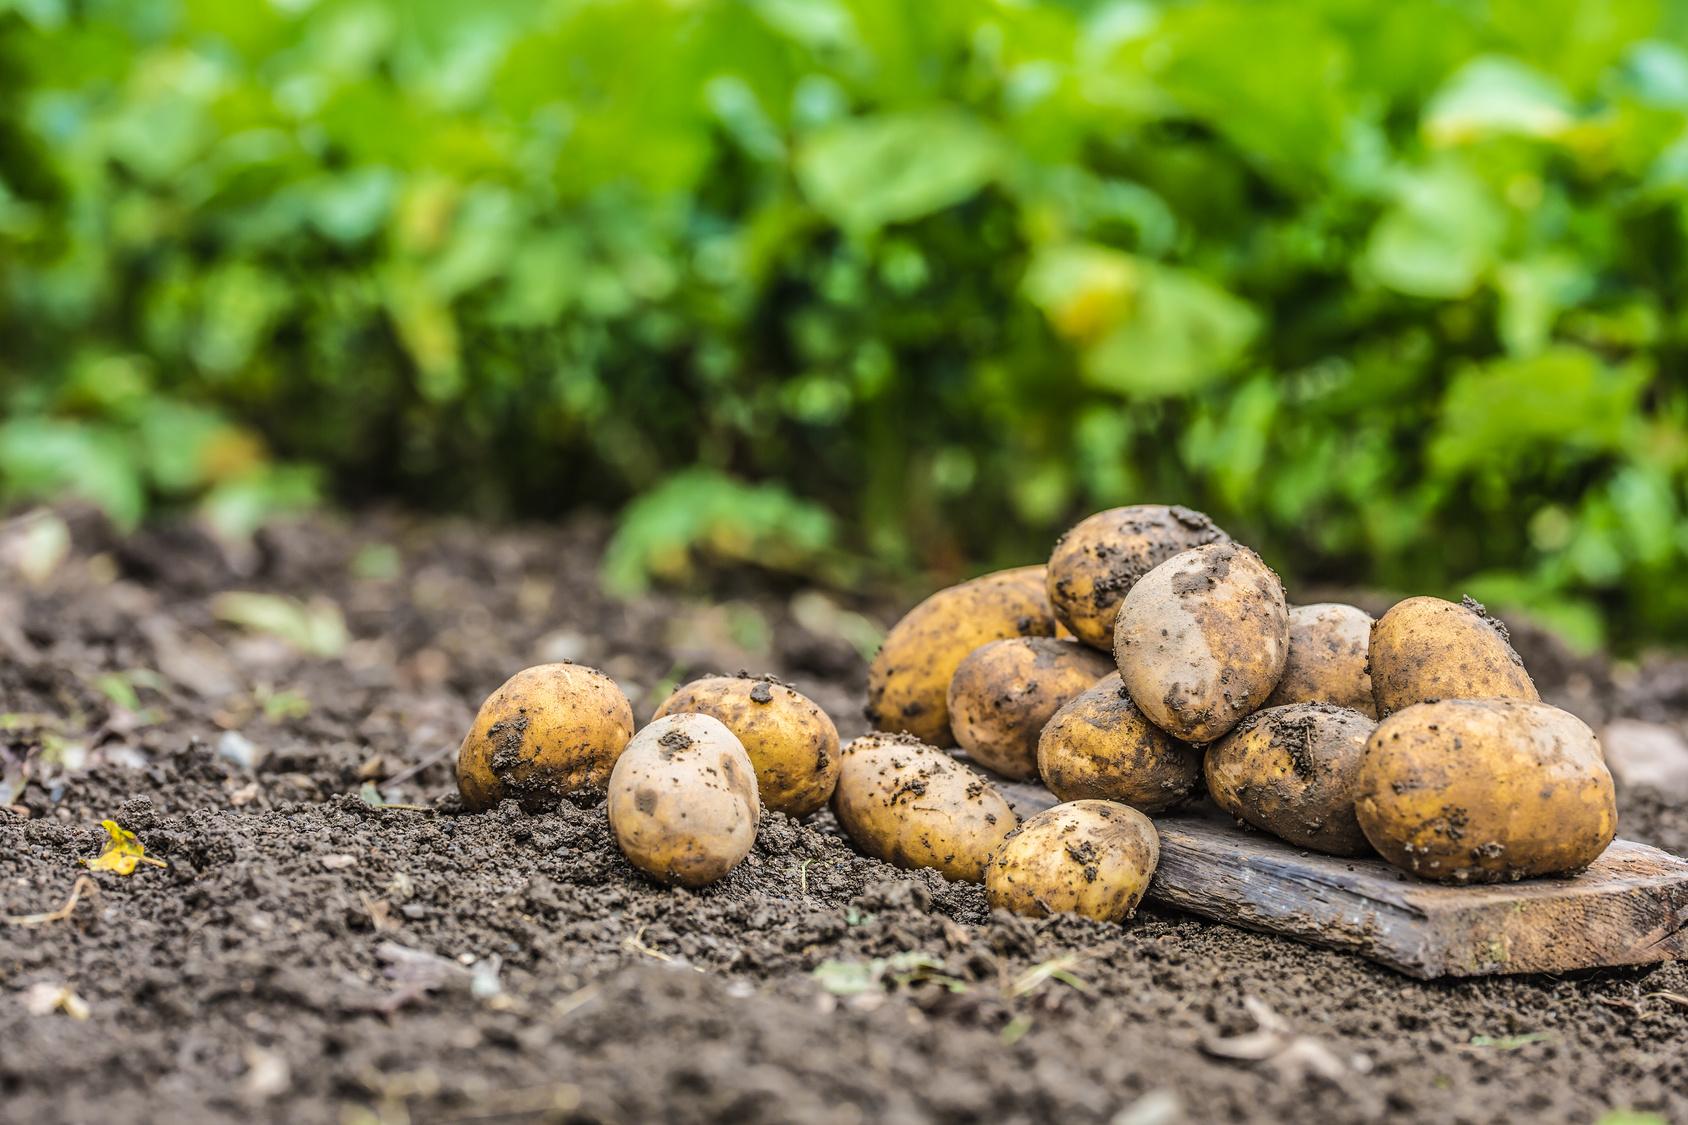 Come Seccare Le Piante coltivare le patate, 5 indicazioni utili